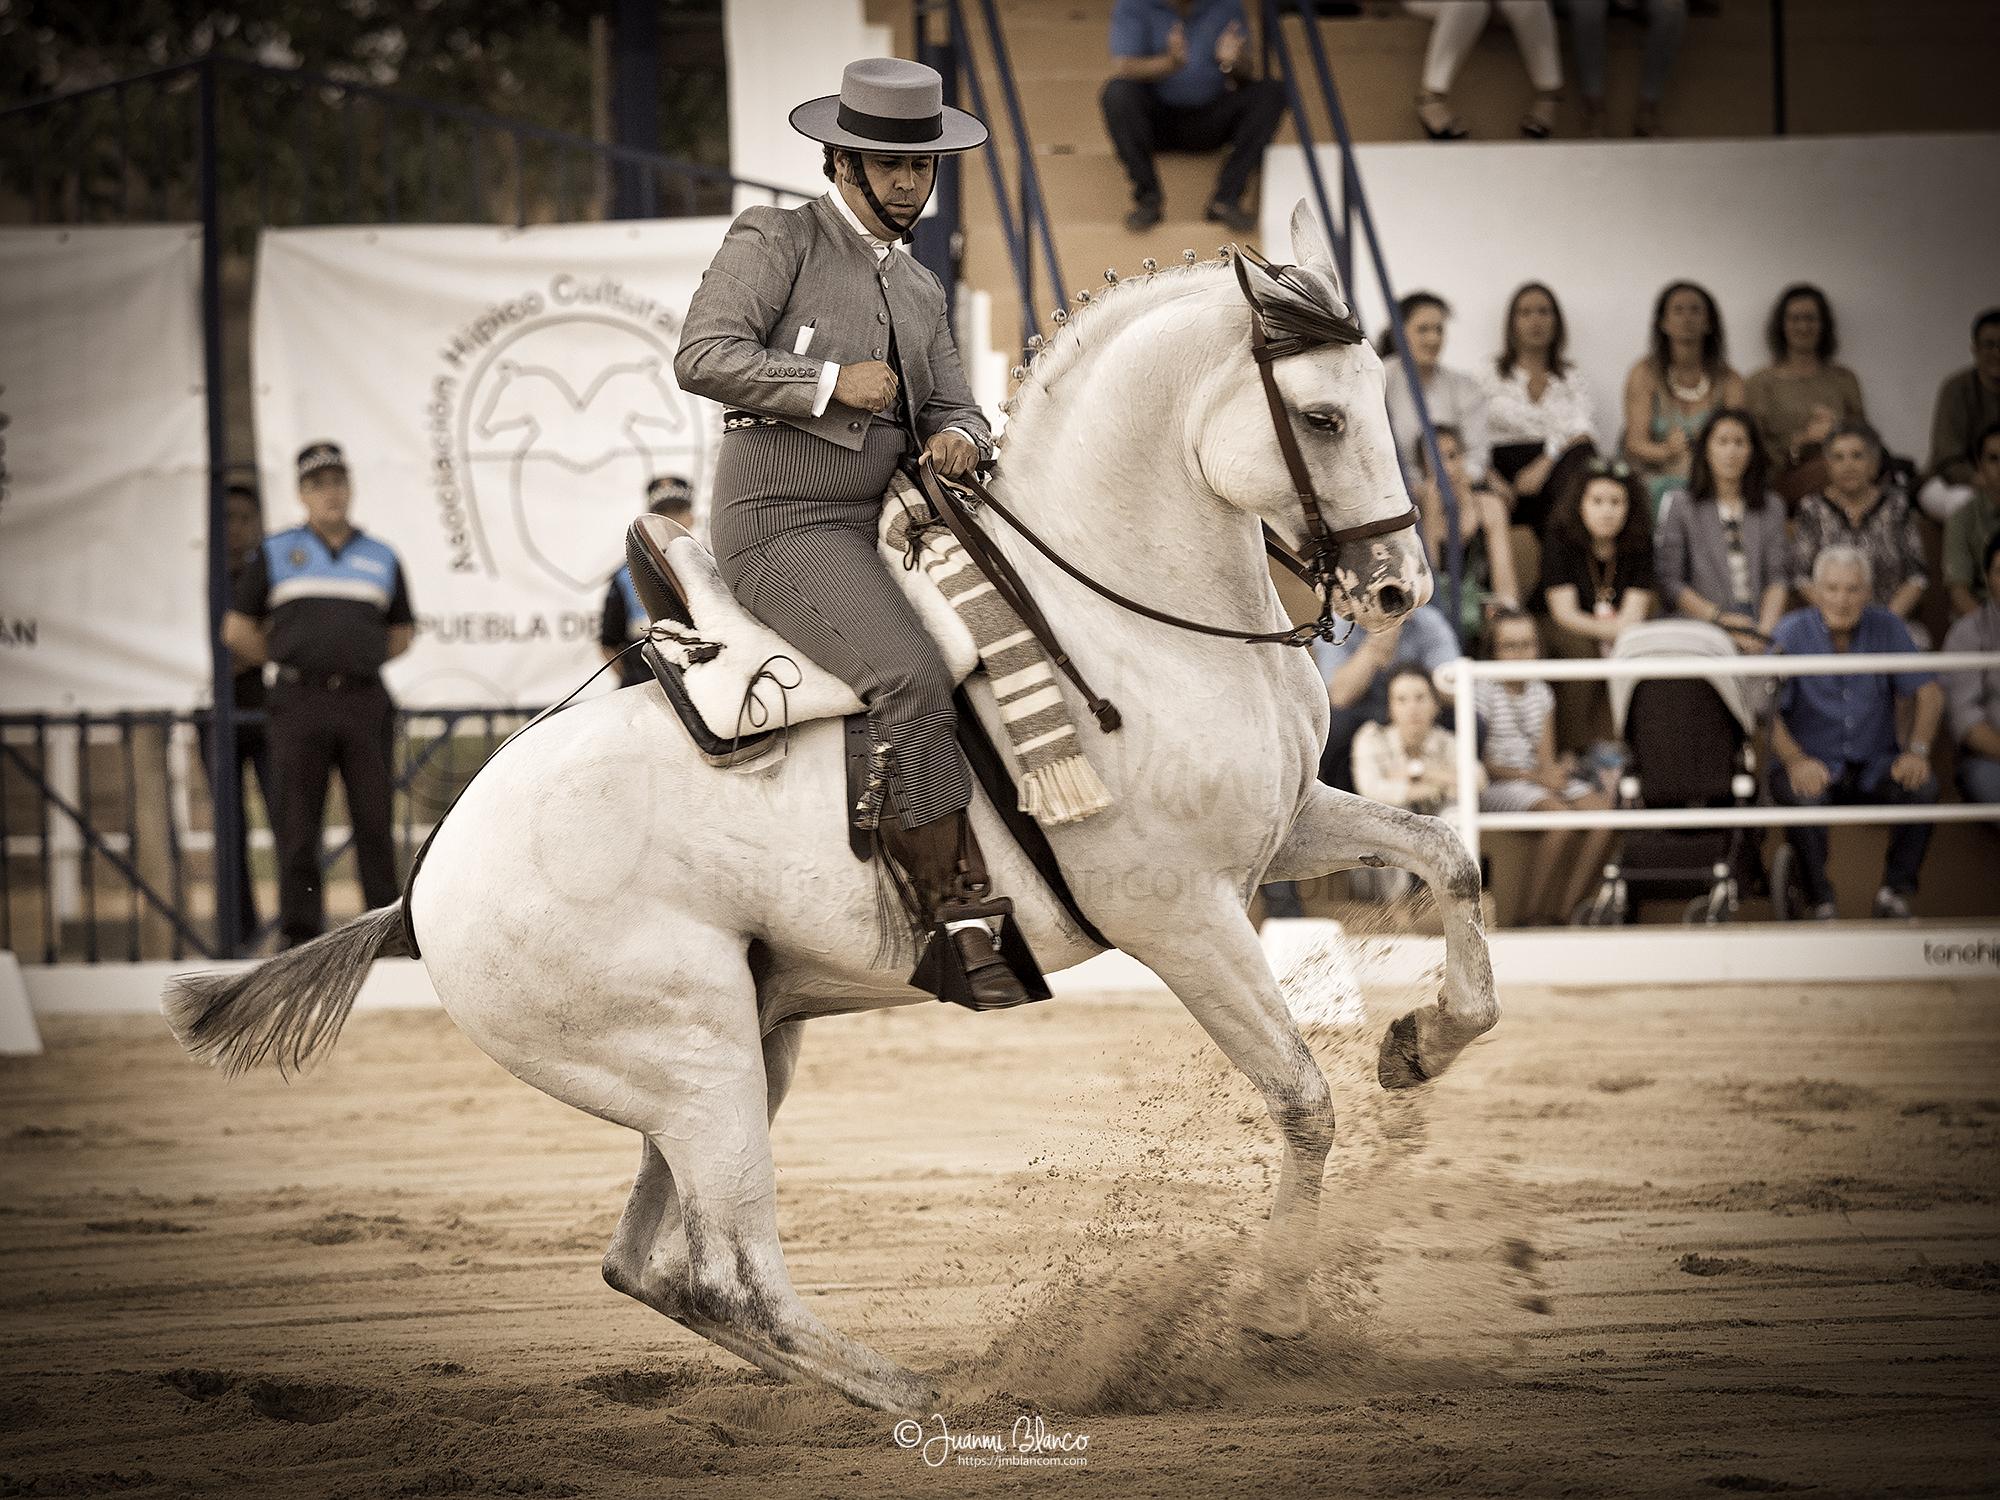 José Mª Cruz con Gabacho en unas vueltas sobre las piernas